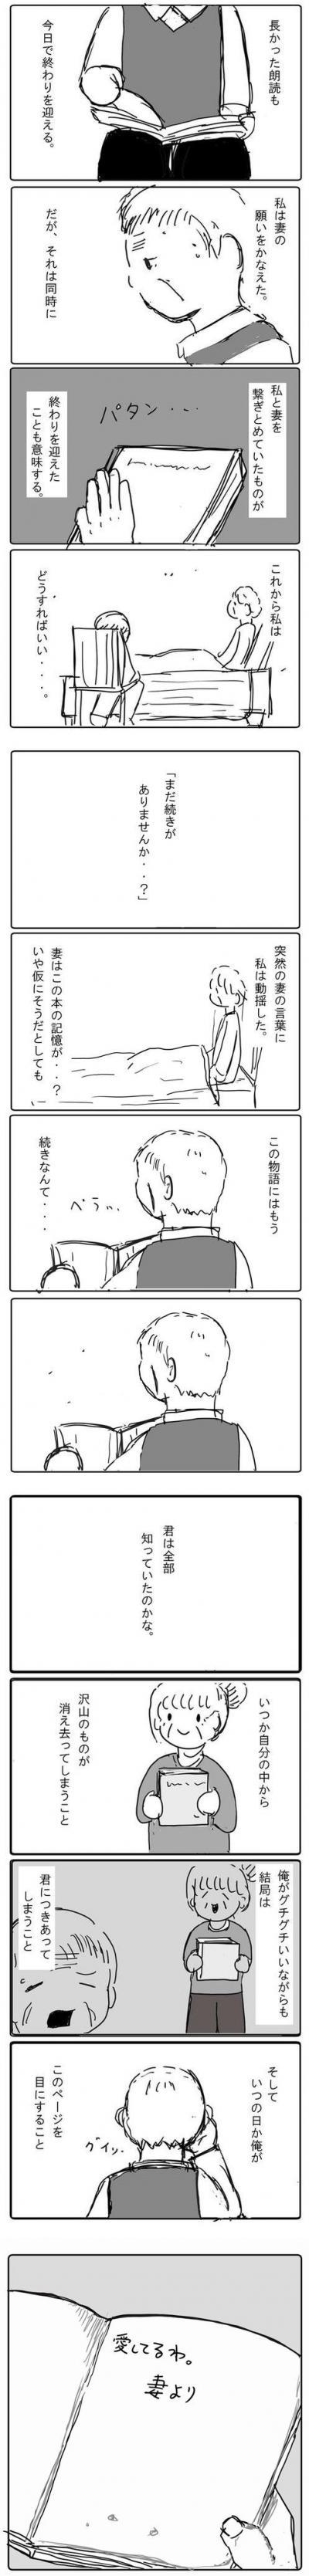 漫画『二人だけの朗読会』(2)